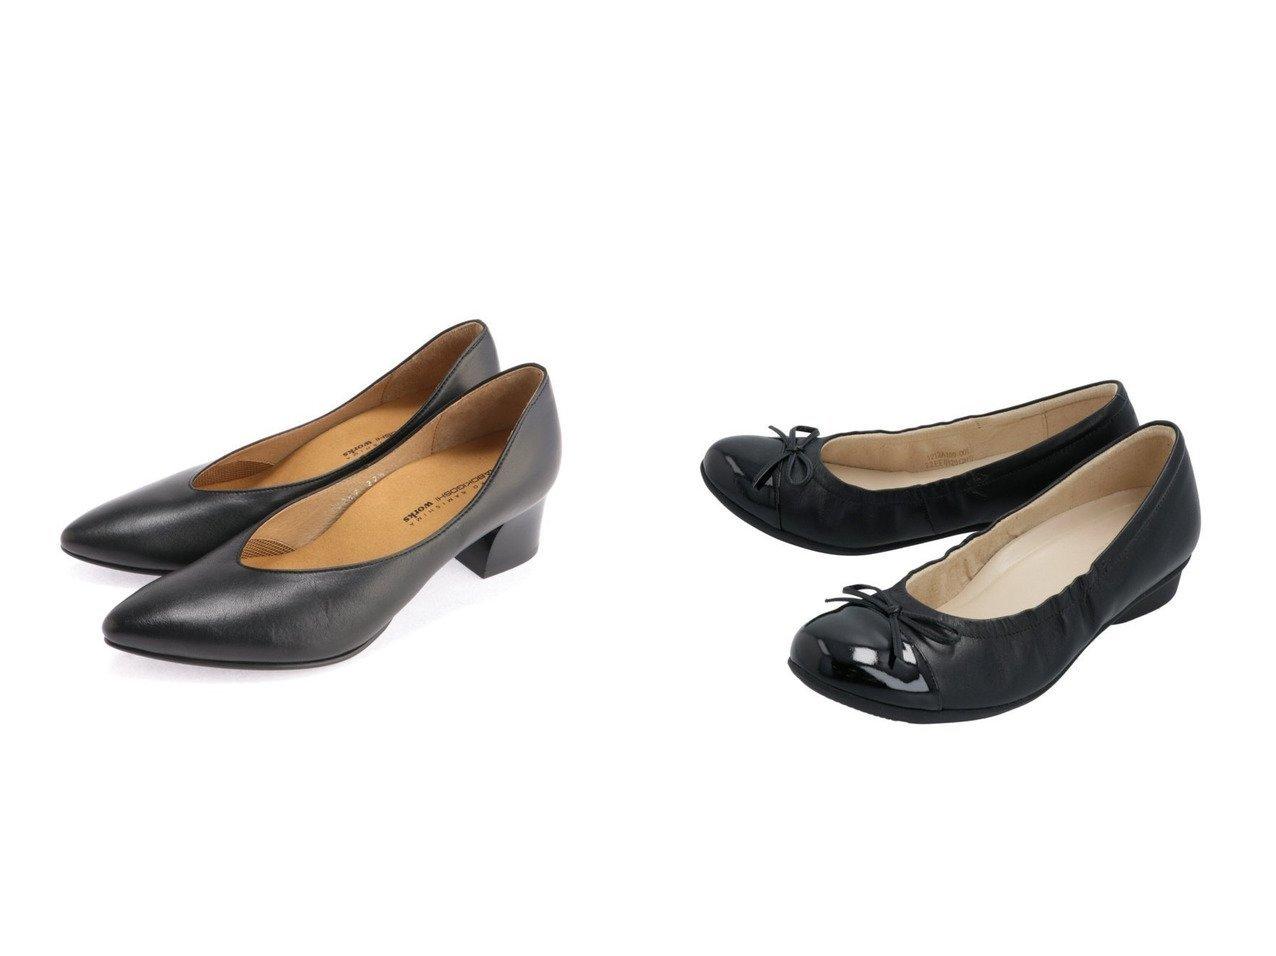 【asics/アシックス】の《アシックス公式》 カジュアルシューズ Pedala 【ペダラ WC109D 2E】&【works/ワークス】の【インソール】Vカットポインテッドトゥパンプス 【シューズ・靴】おすすめ!人気、トレンド・レディースファッションの通販 おすすめで人気の流行・トレンド、ファッションの通販商品 インテリア・家具・メンズファッション・キッズファッション・レディースファッション・服の通販 founy(ファニー) https://founy.com/ ファッション Fashion レディースファッション WOMEN インソール シューズ クッション フェミニン フラット ラウンド  ID:crp329100000045155